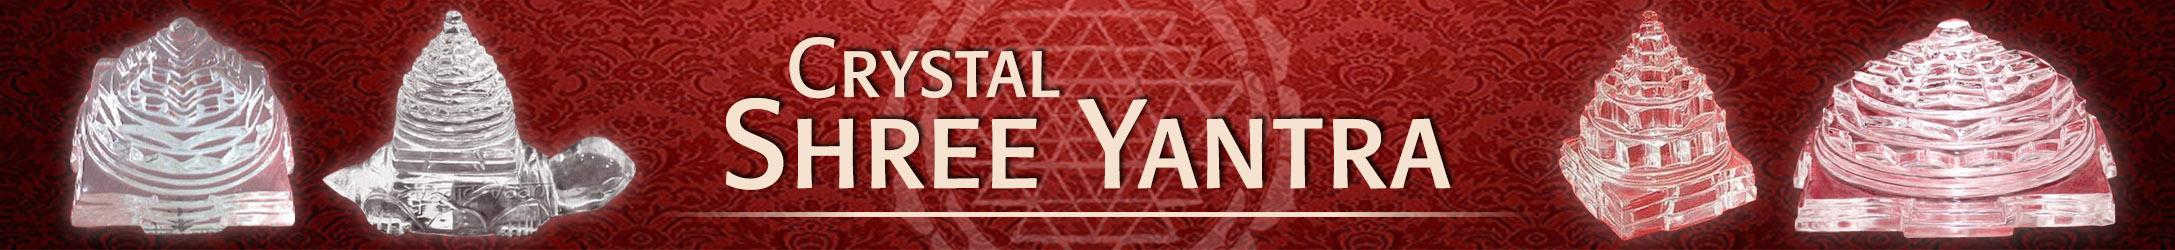 Crystal Shree Yantra